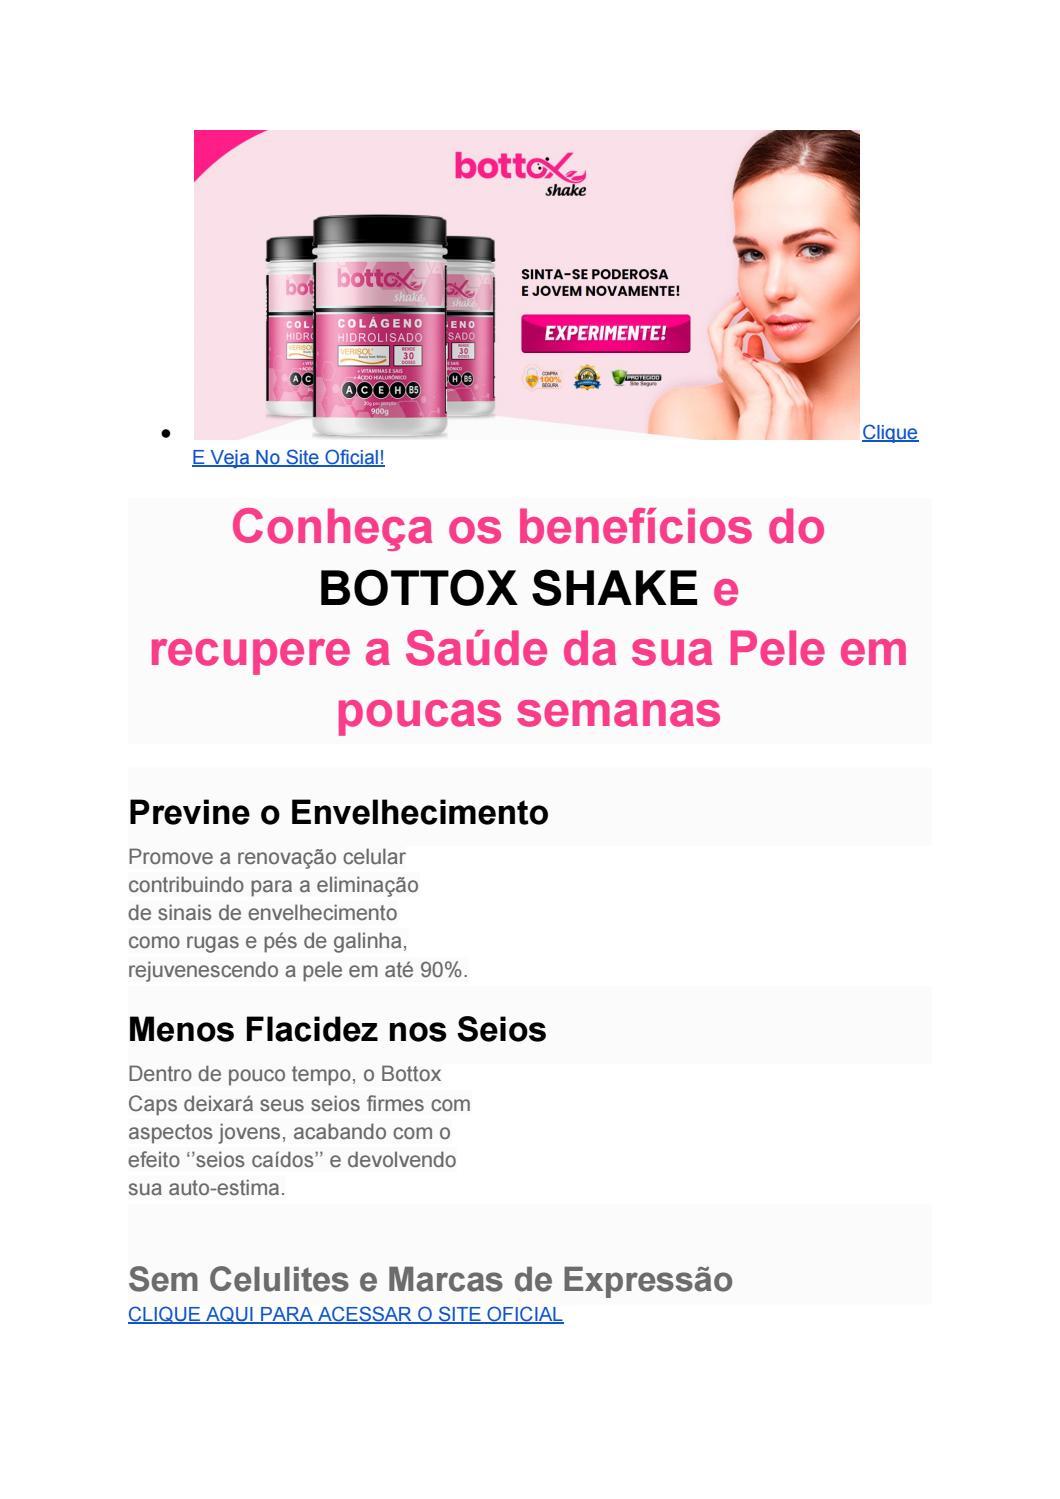 bottox shake funciona